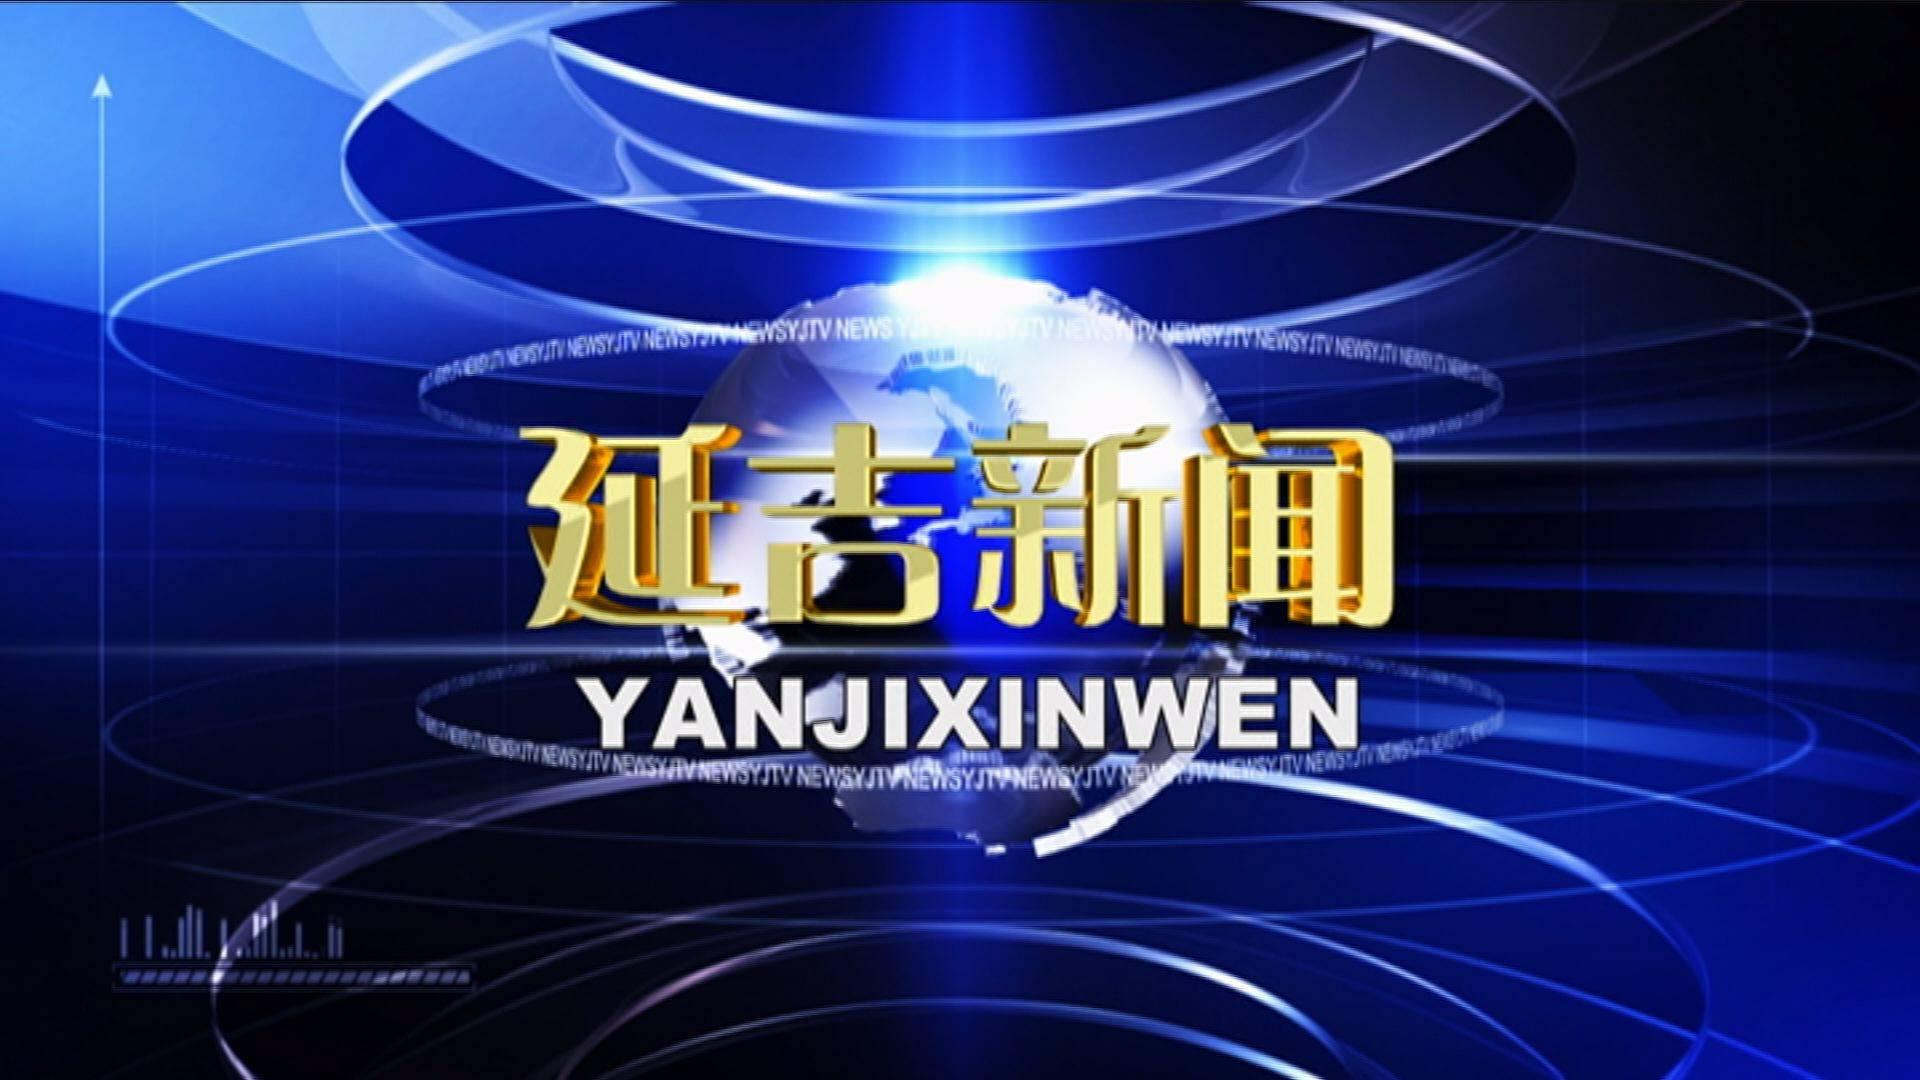 2020. 11. 23 延吉新闻